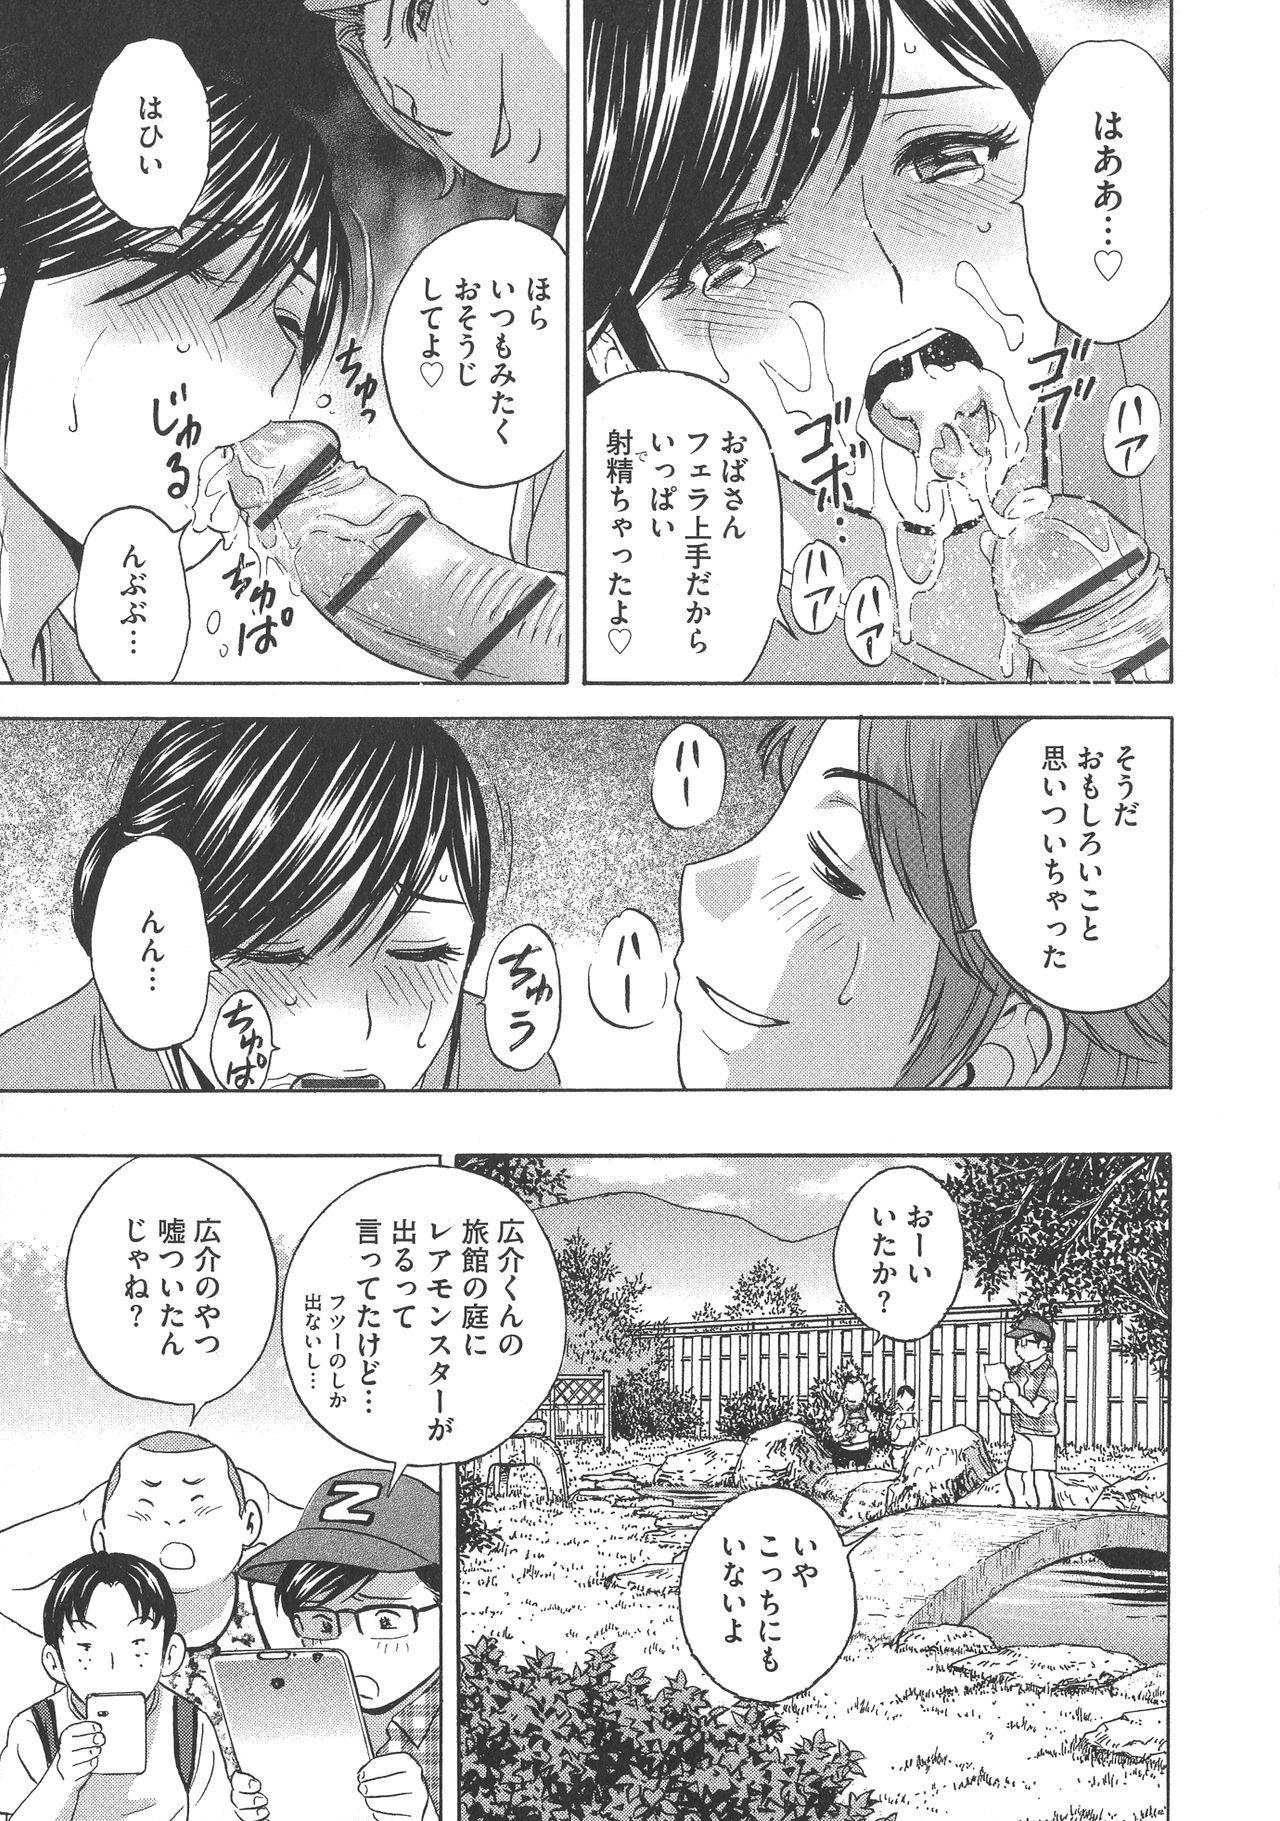 Chijoku ni Modaeru Haha no Chichi… 56